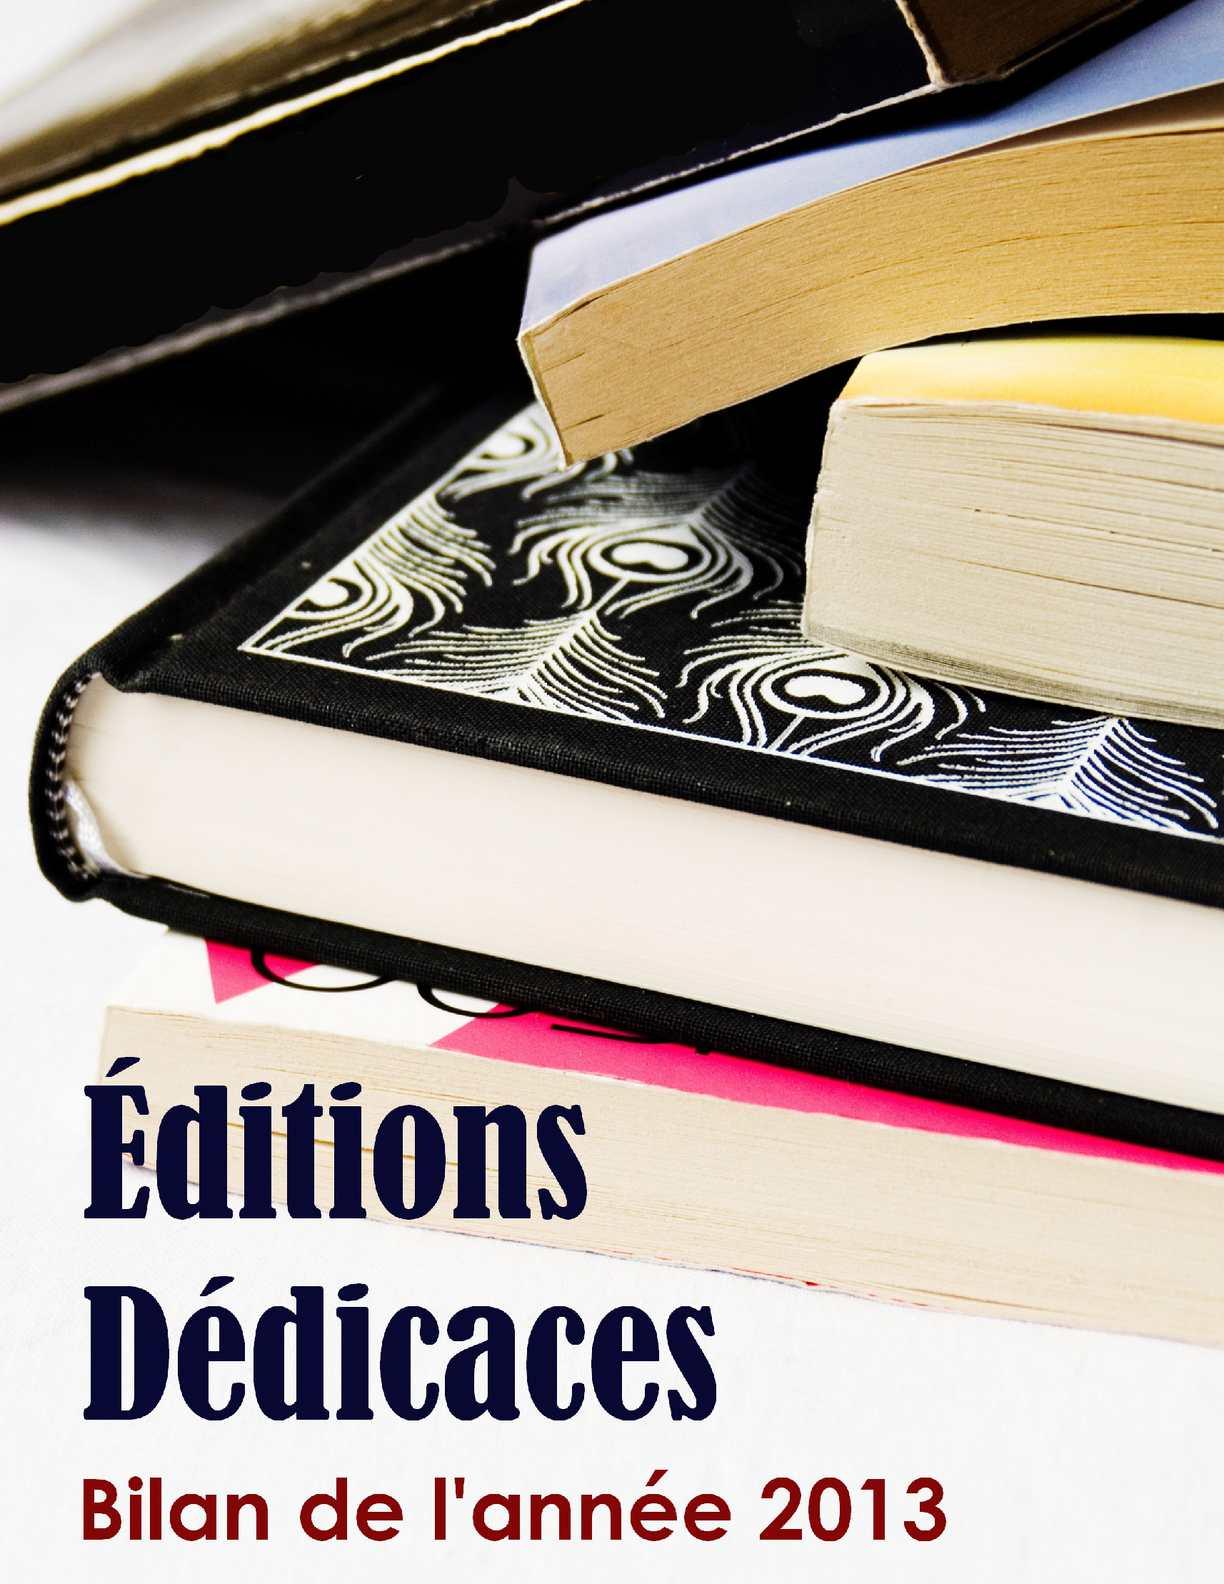 Calaméo - Bilan 2013 des Éditions Dédicaces 510354bf6b5